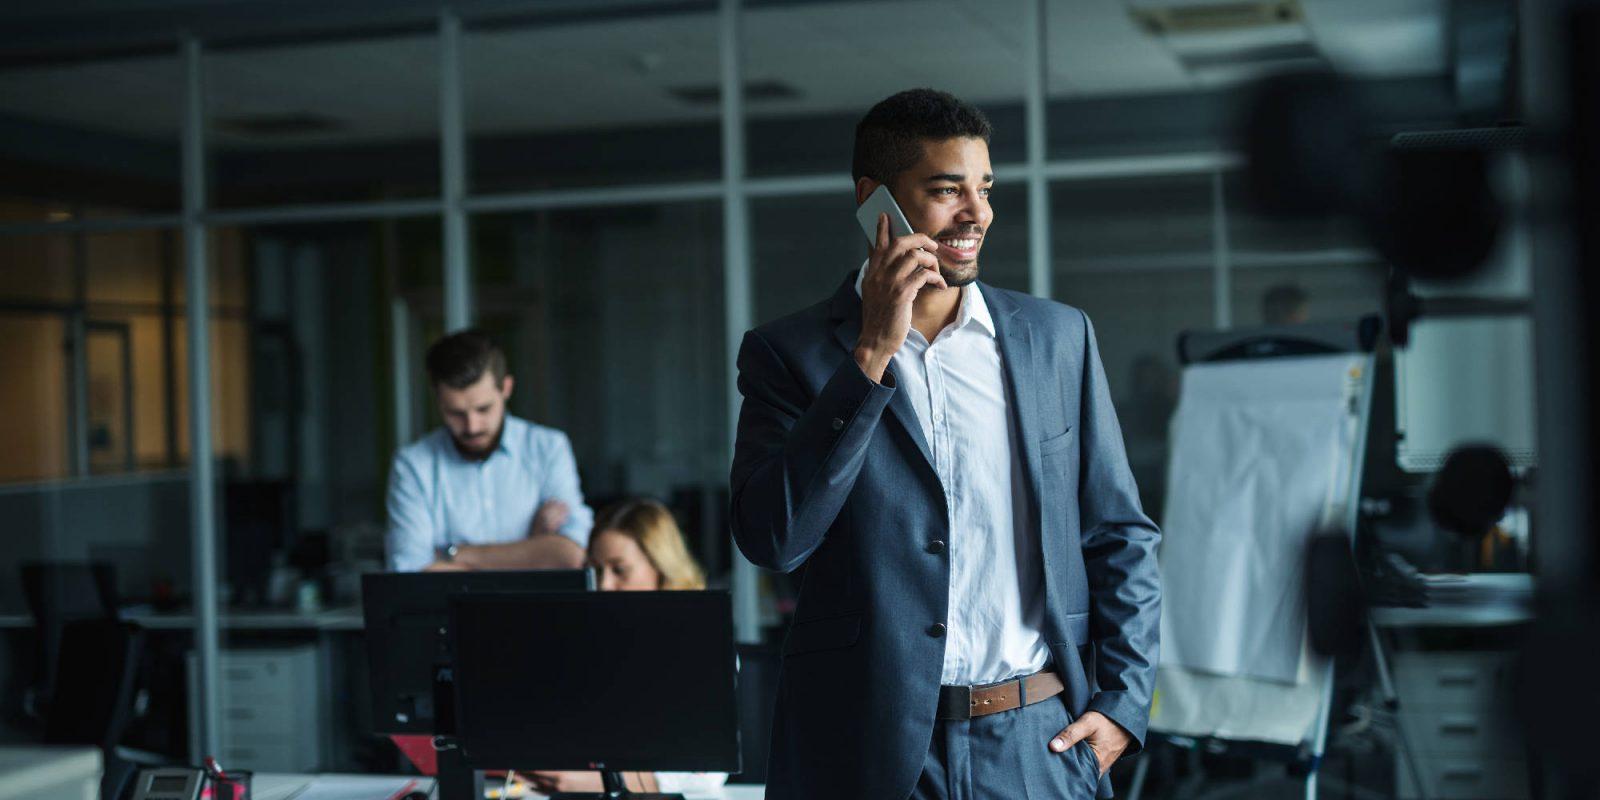 5 wskazówek, które pomogą ci zatrzymać twoich klientów na dłużej